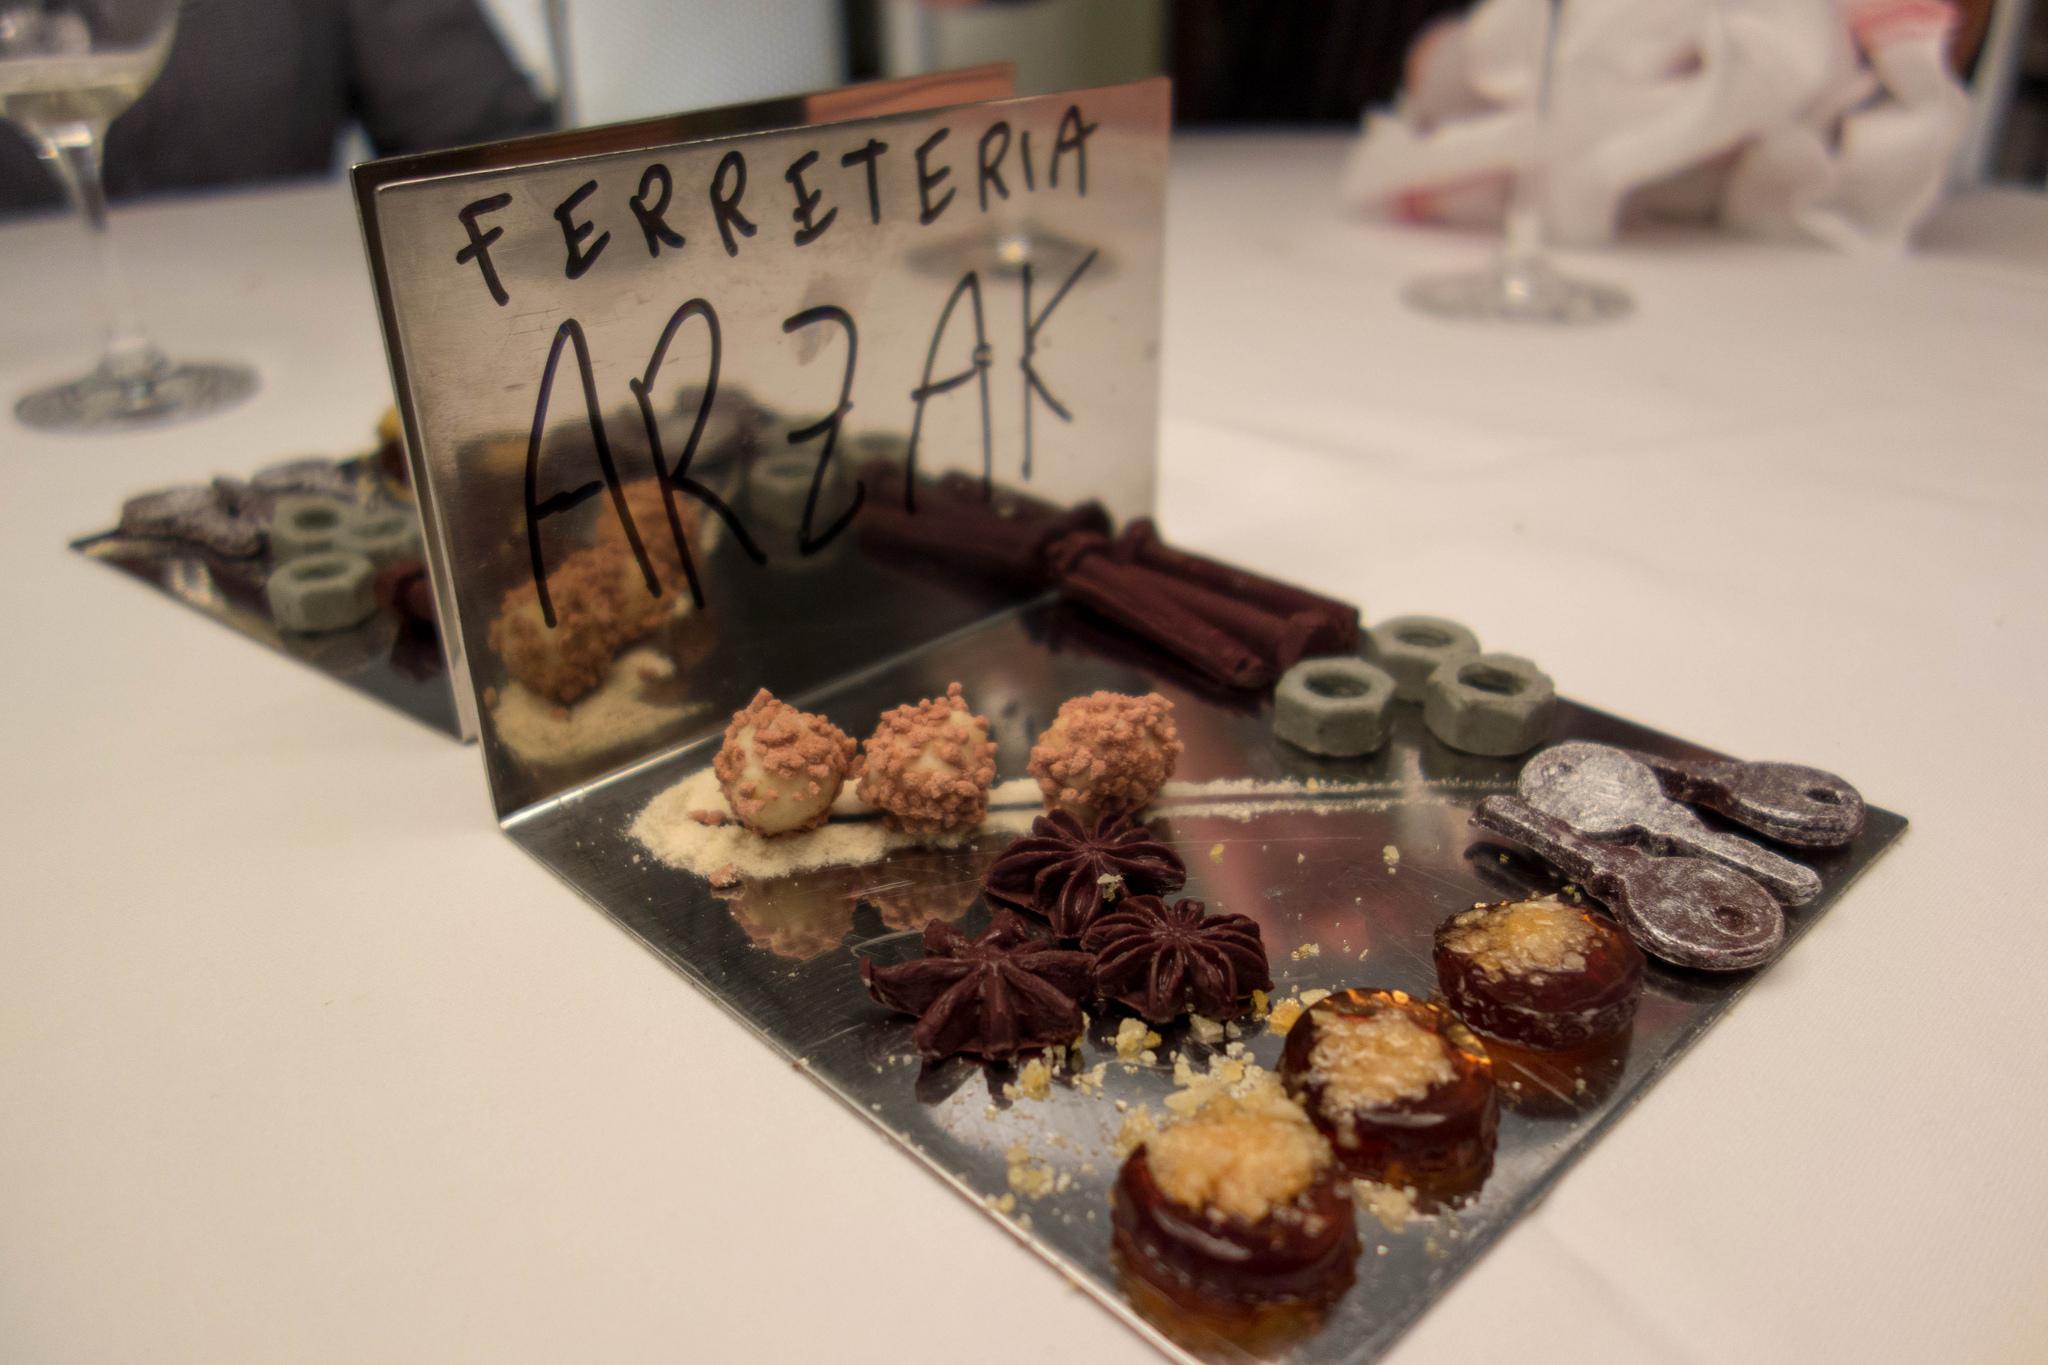 Czekoladki serwowane w restauracji Arzak (fot. Kent Wang / Flickr.com / CC BY-SA 2.0)